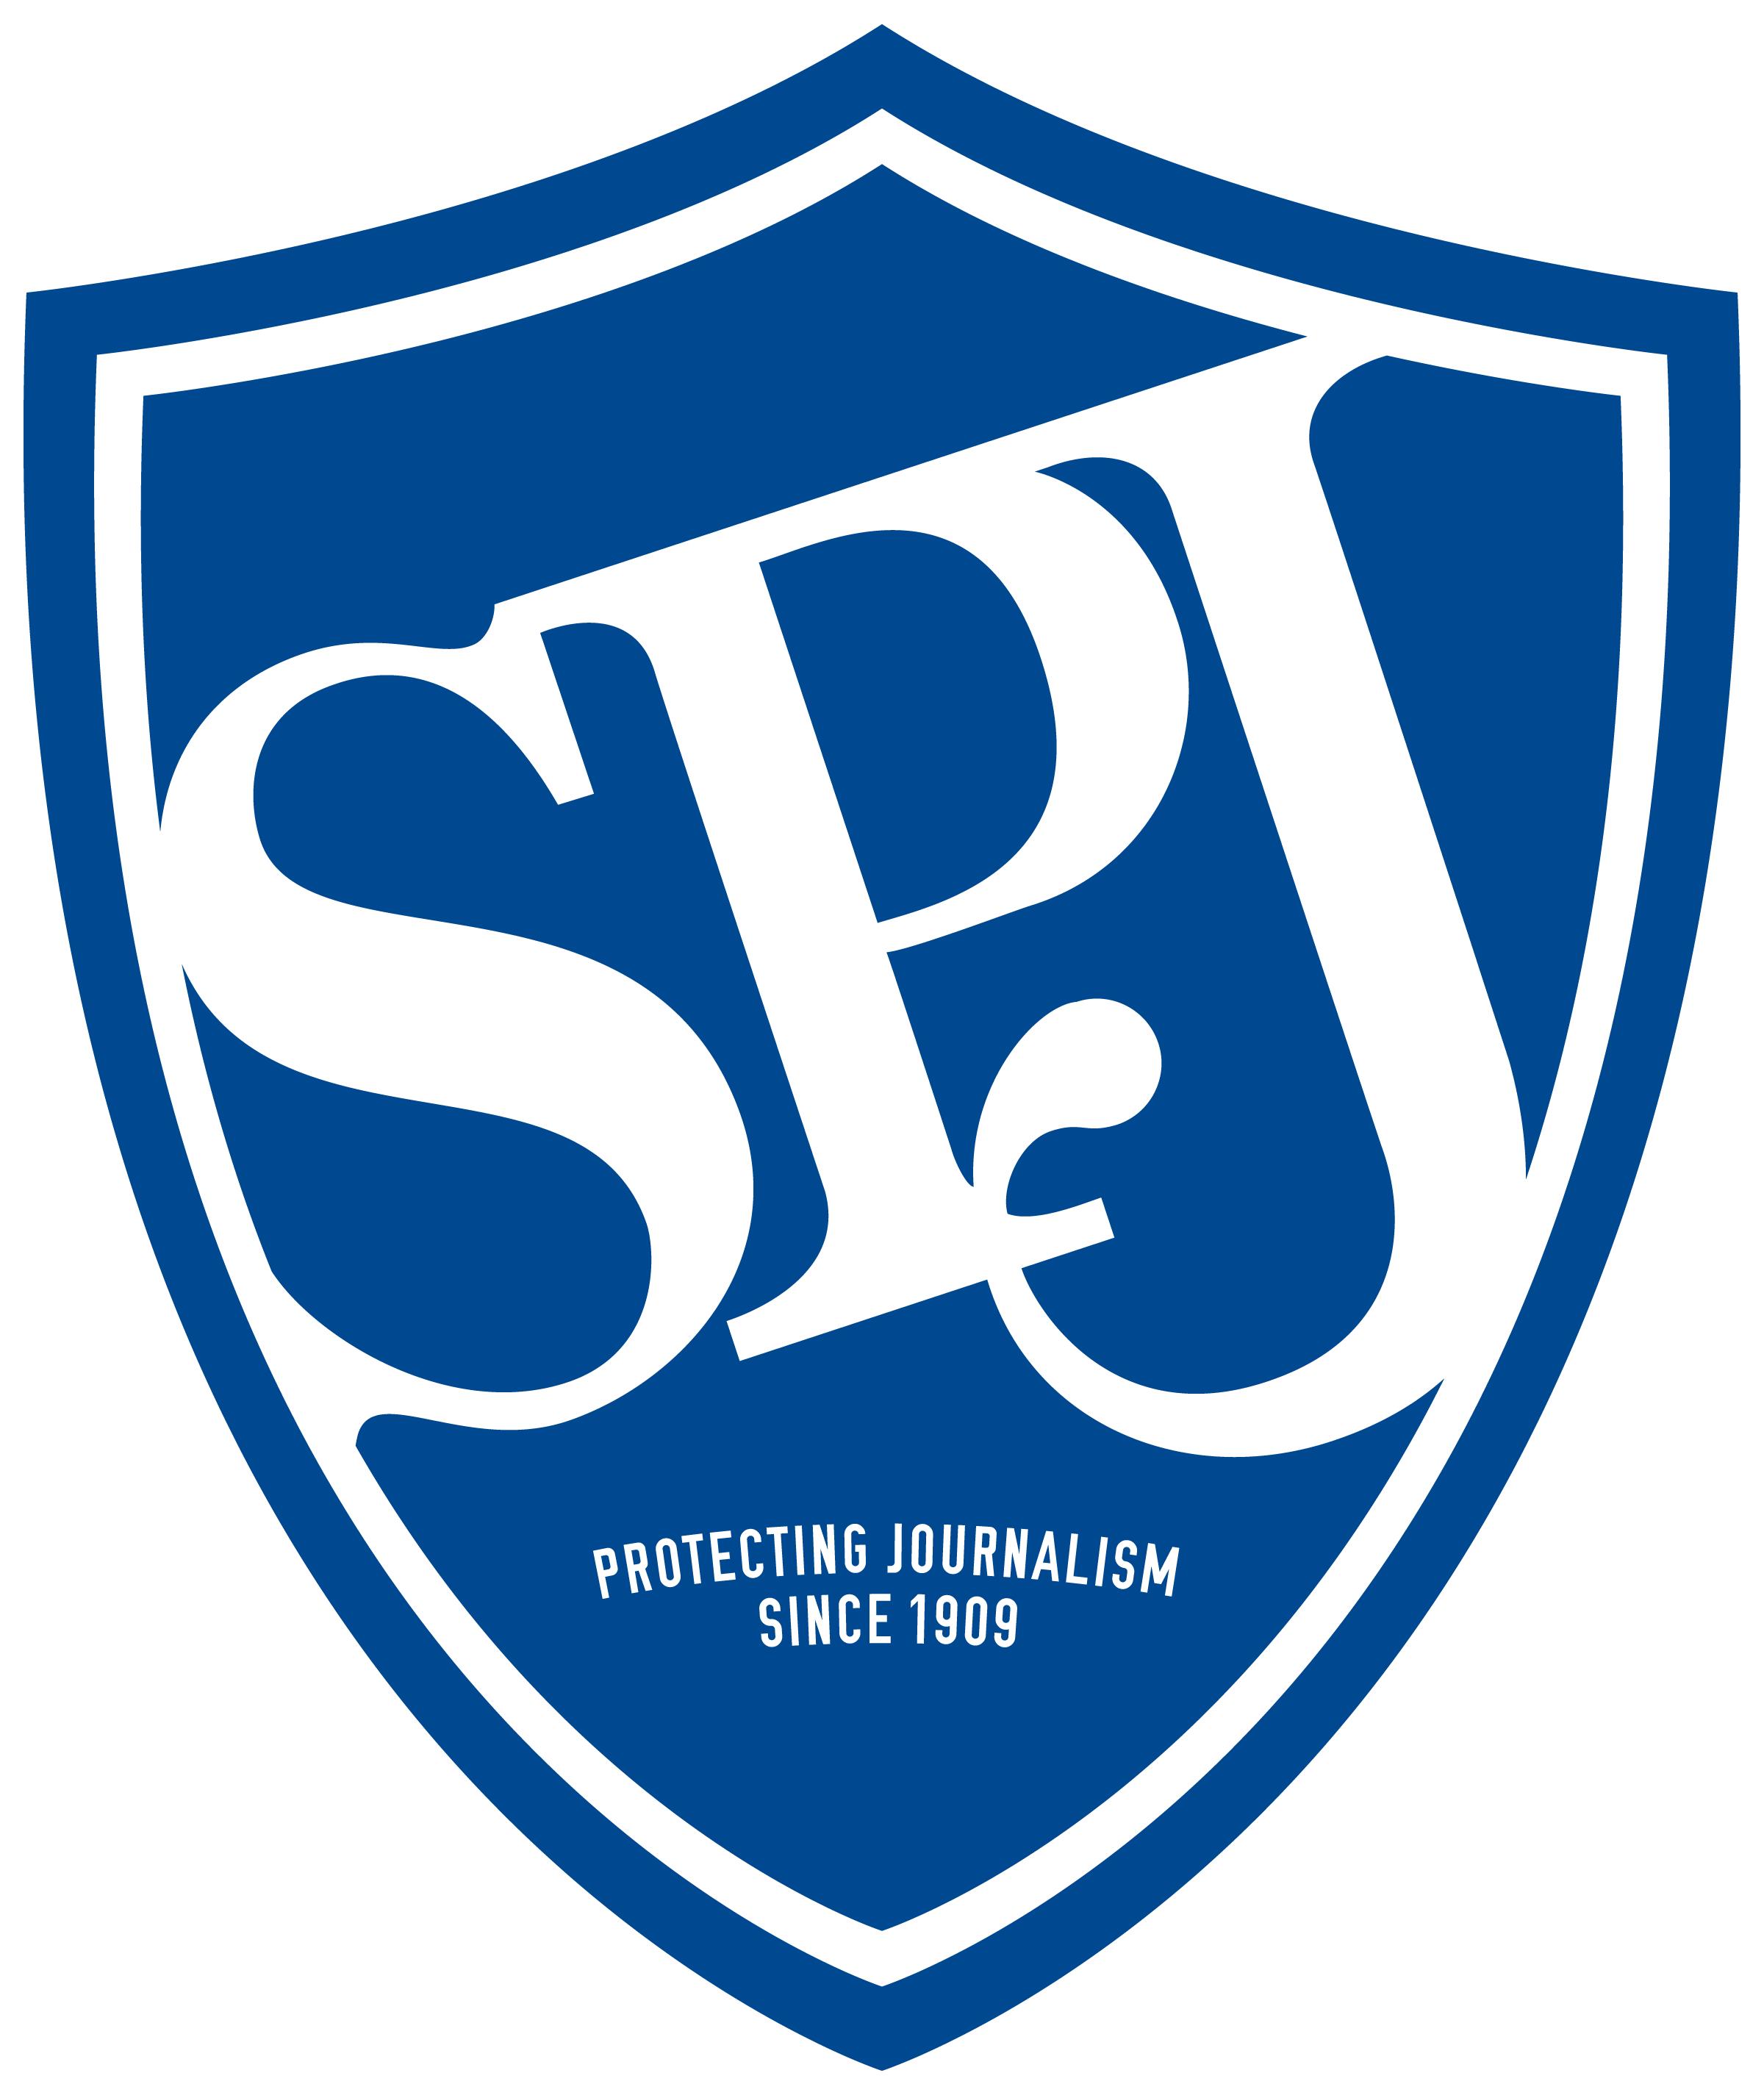 Société des journalistes professionnels (SPJ)